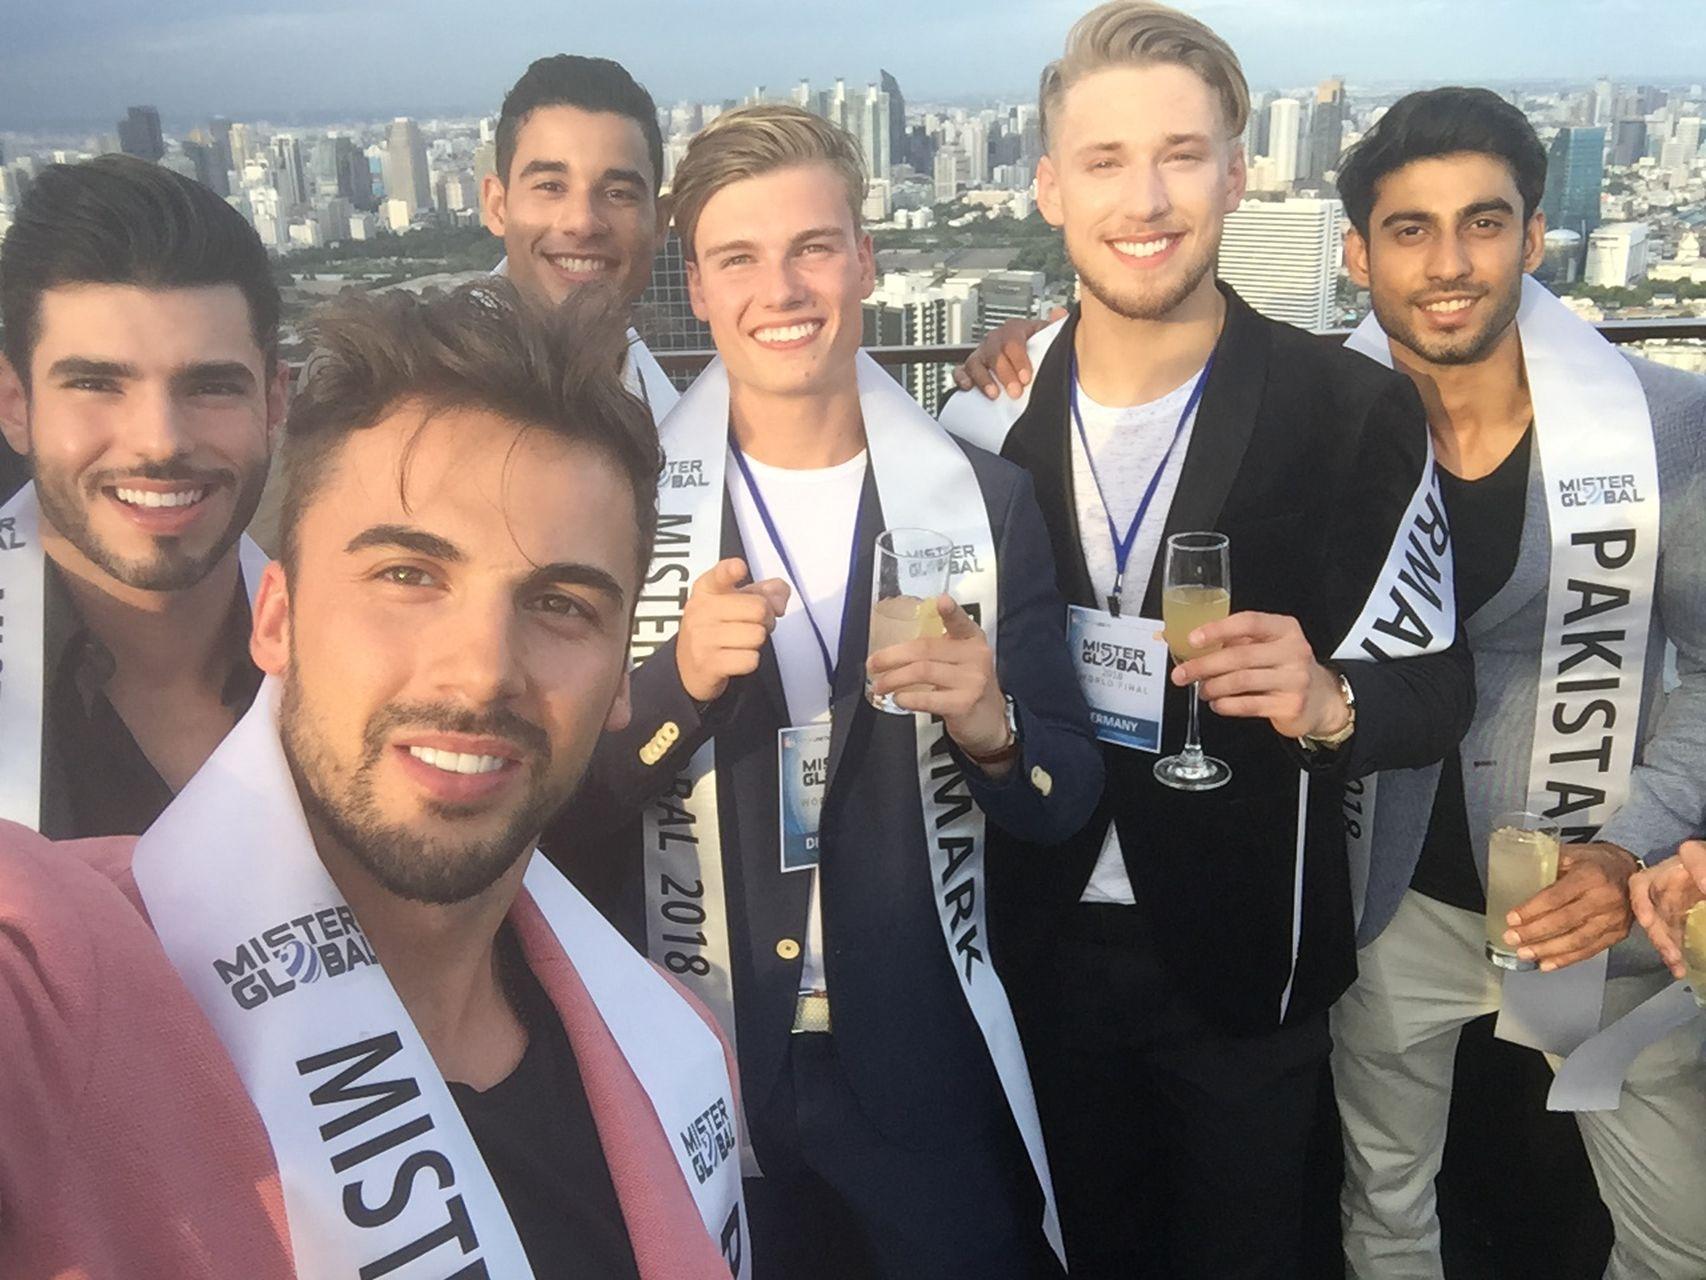 Jakub Kucner na zgrupowaniu przed Mister Global 2018 (ZDJĘCIA)